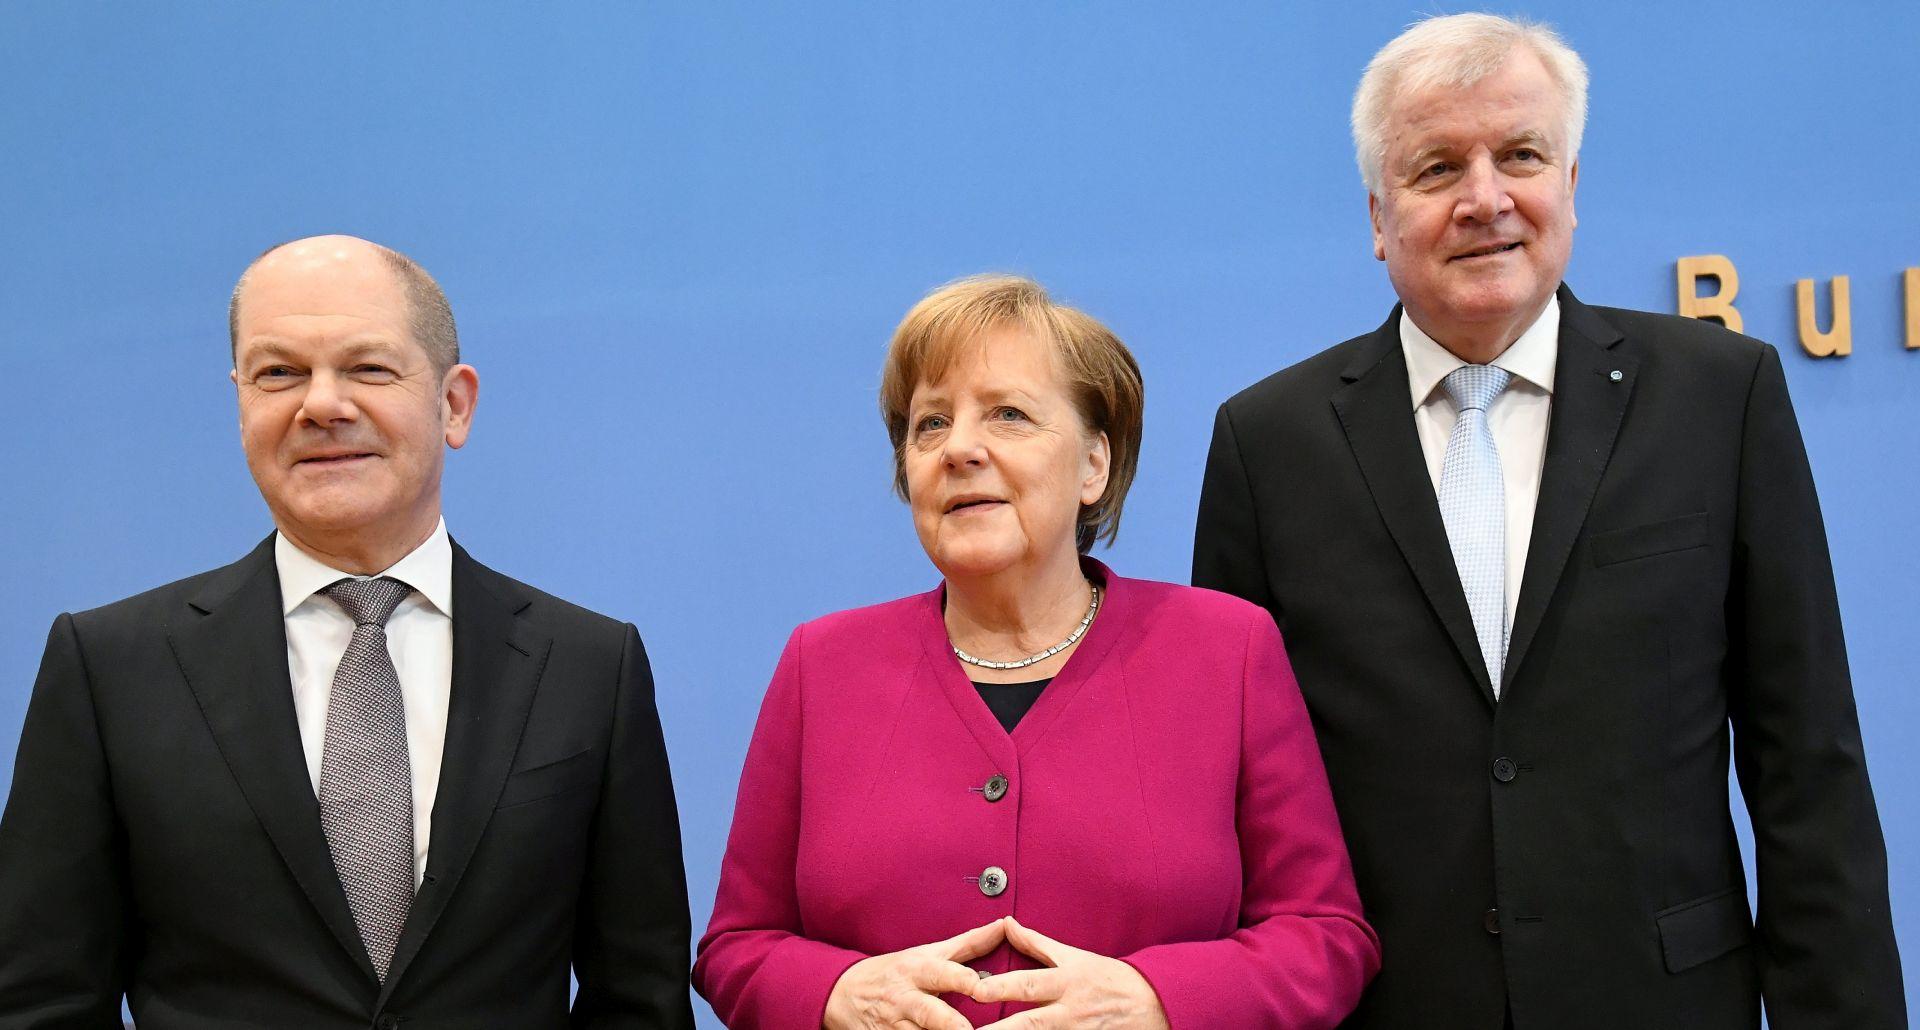 Njemački demokršćani i socijaldemokrati potpisali koalicijski ugovor